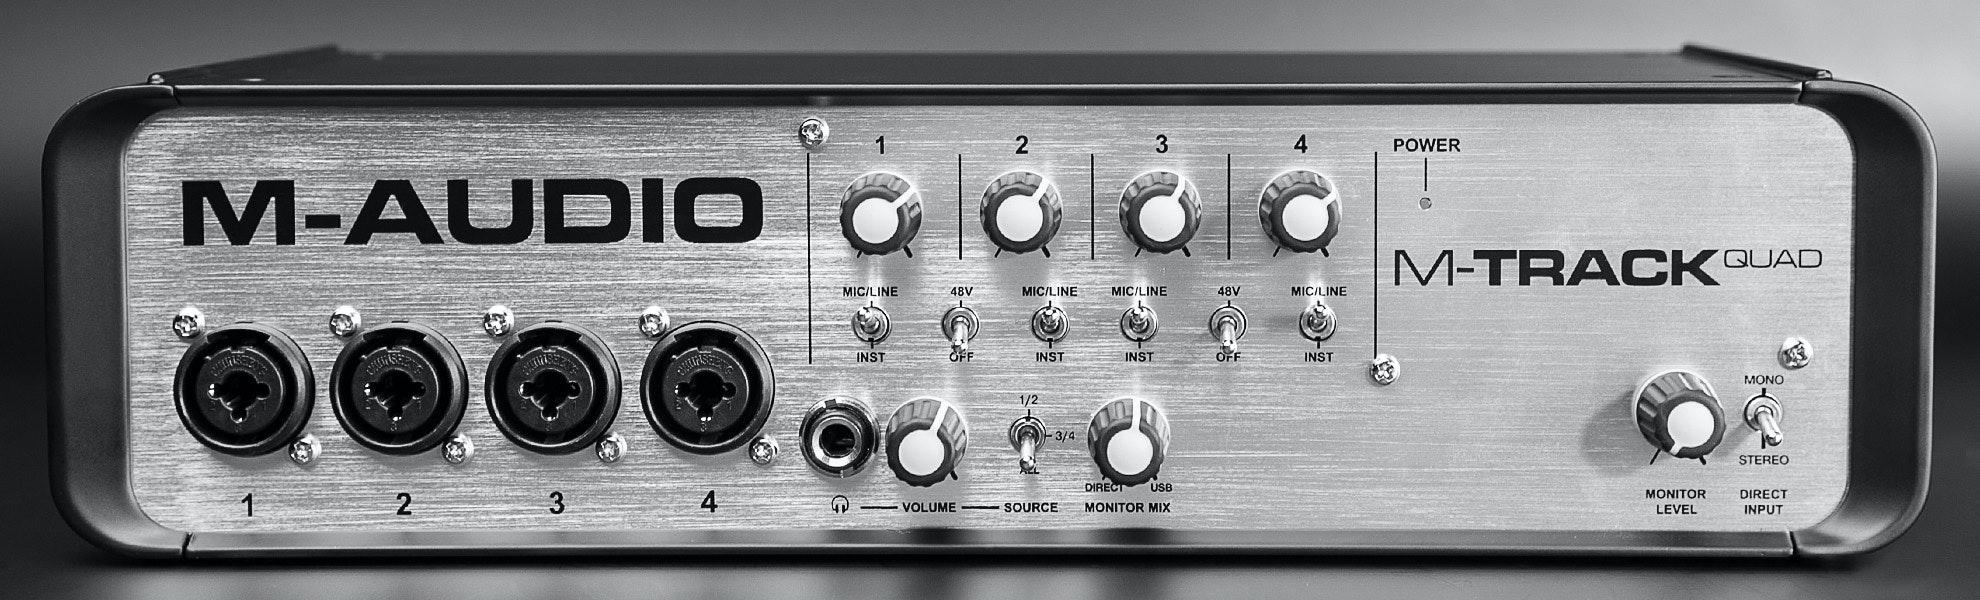 M-Audio MTRACK Quad